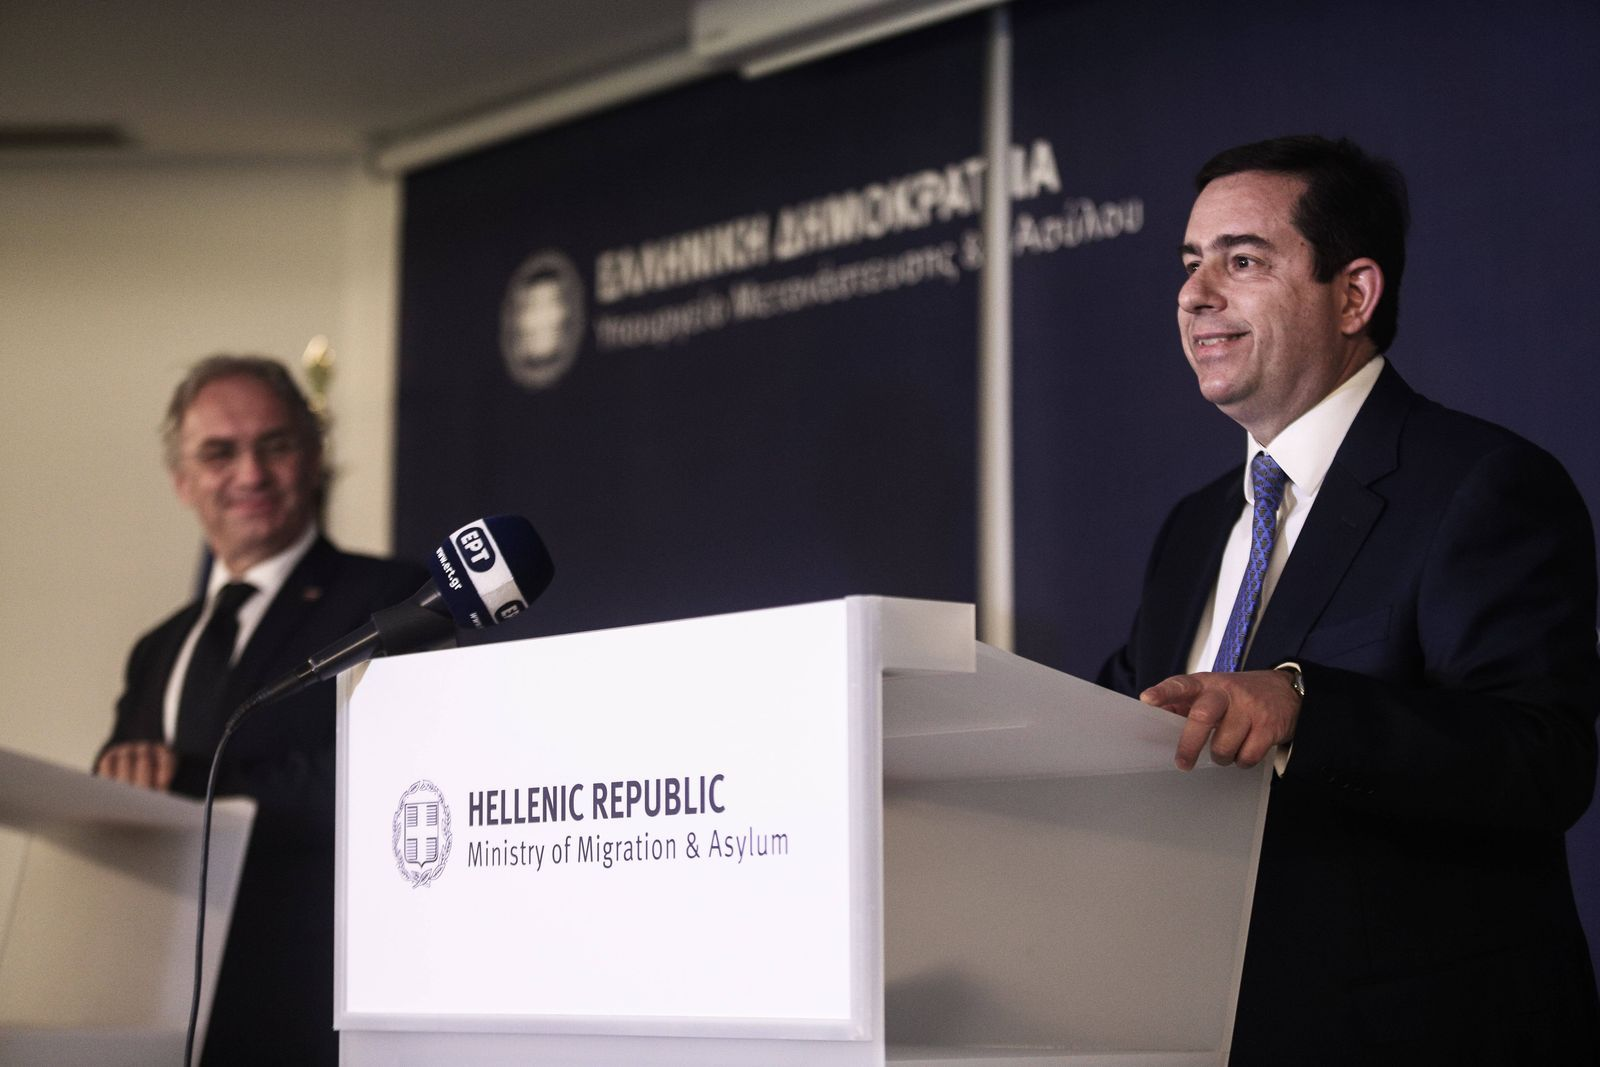 Athen, Griechenland - Griechenland s Minister für Migration und Asyl, Notis Mitarachi / Notis Mitarakis (R) trifft Slow